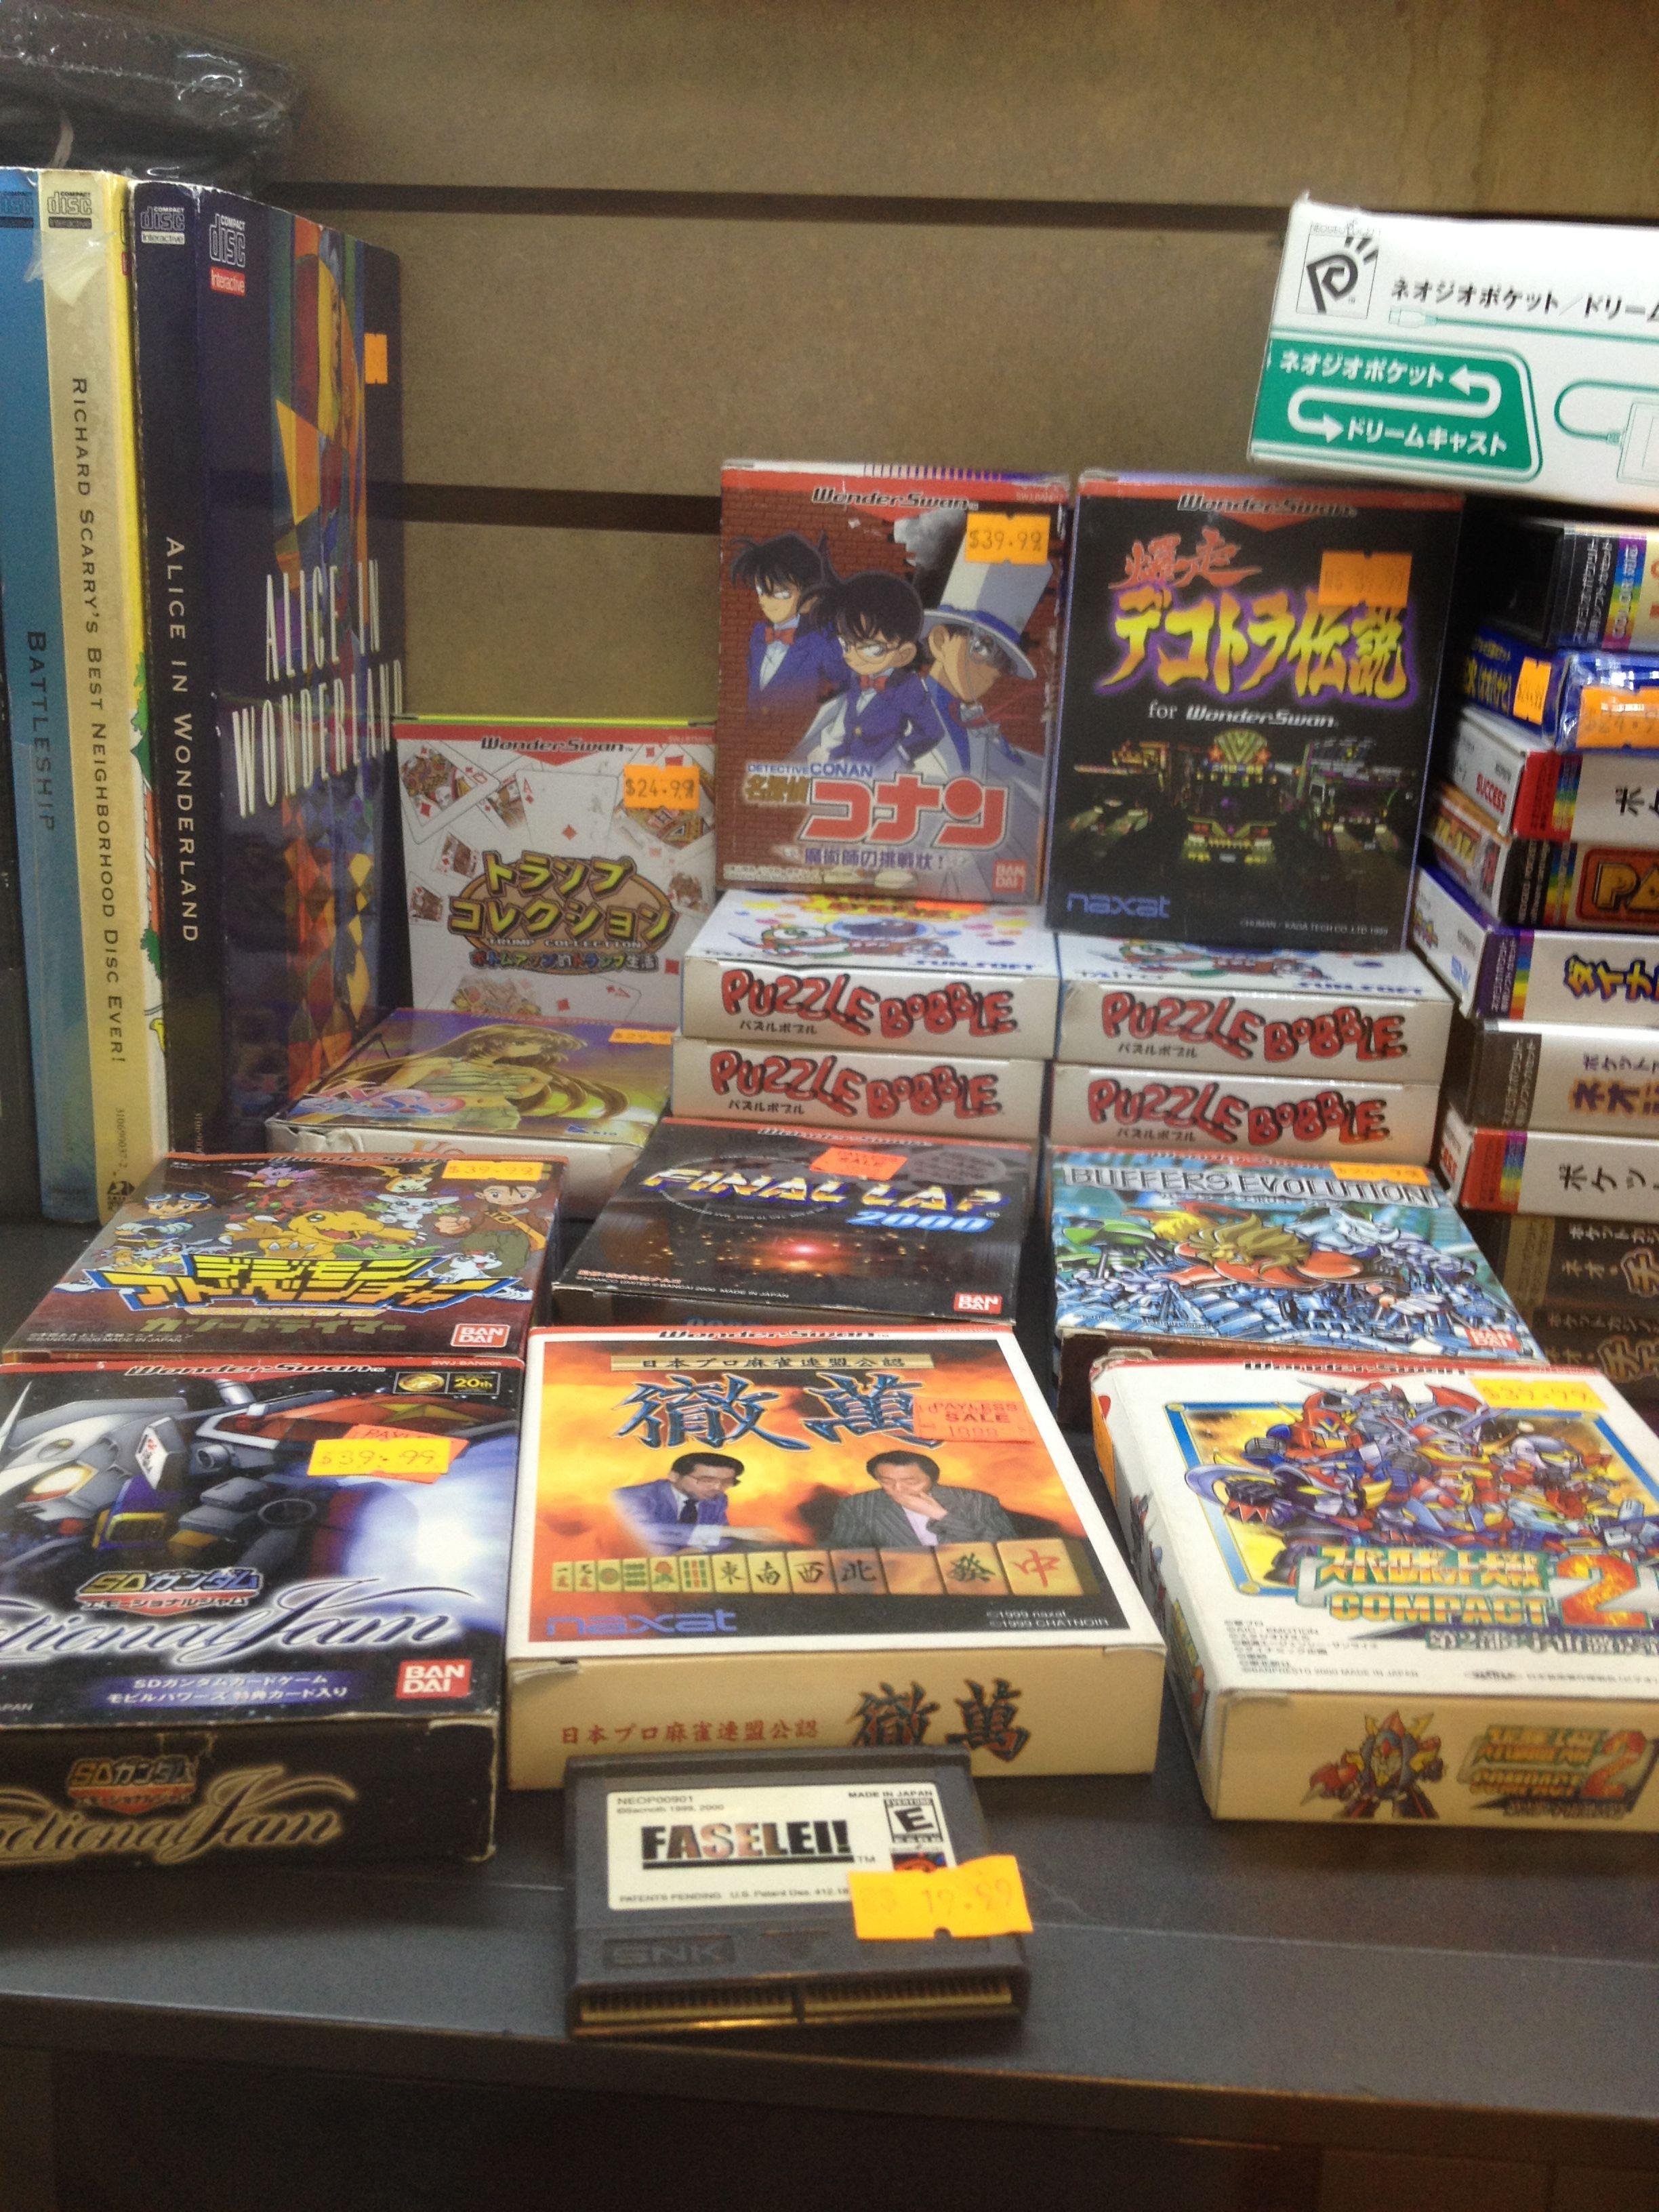 Retro Gaming Stores Ausretrogamer